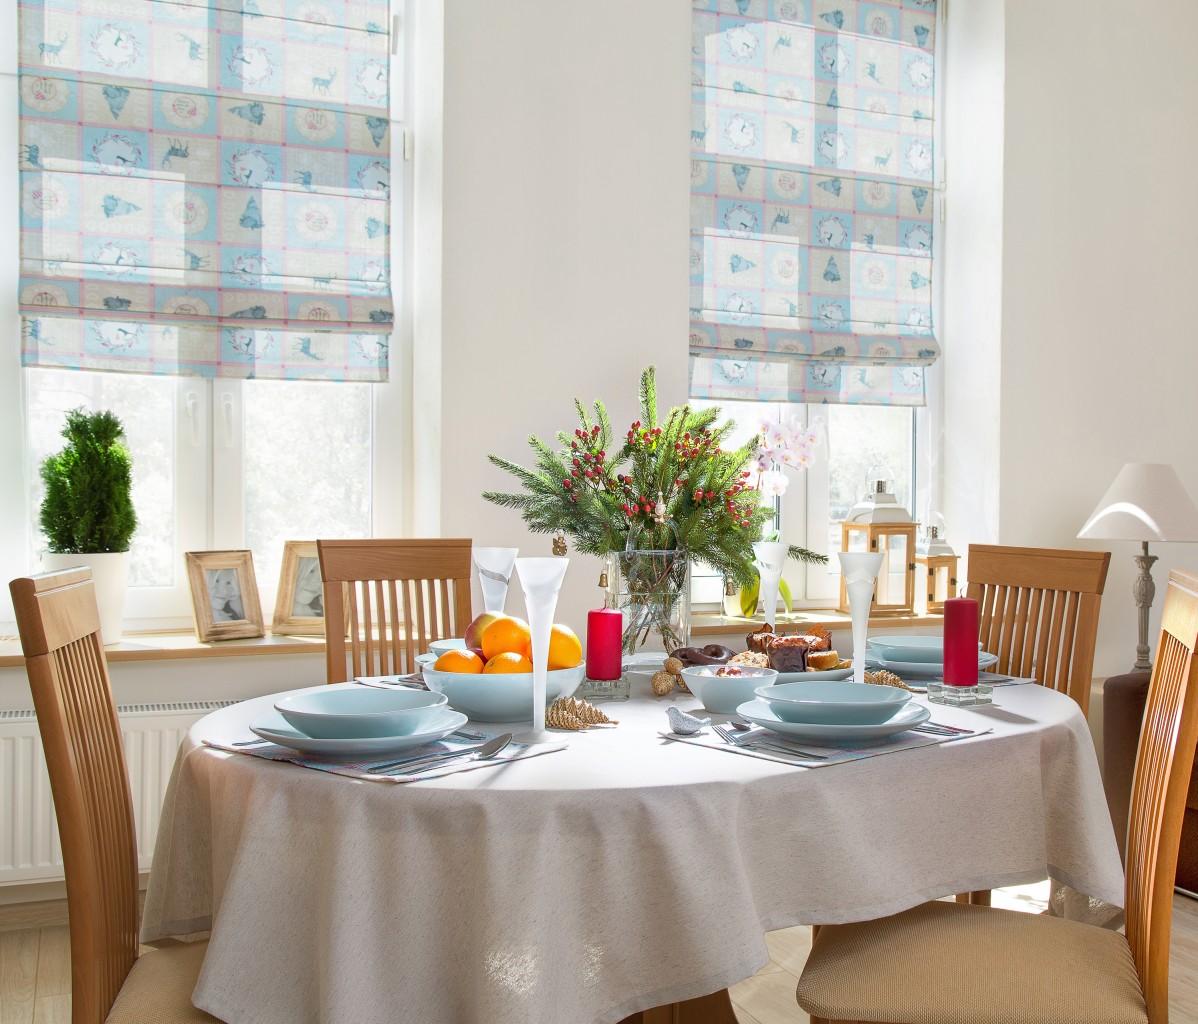 Pozostałe, Świąteczne inspiracje - Błękitna odsłona zimowej jadalni